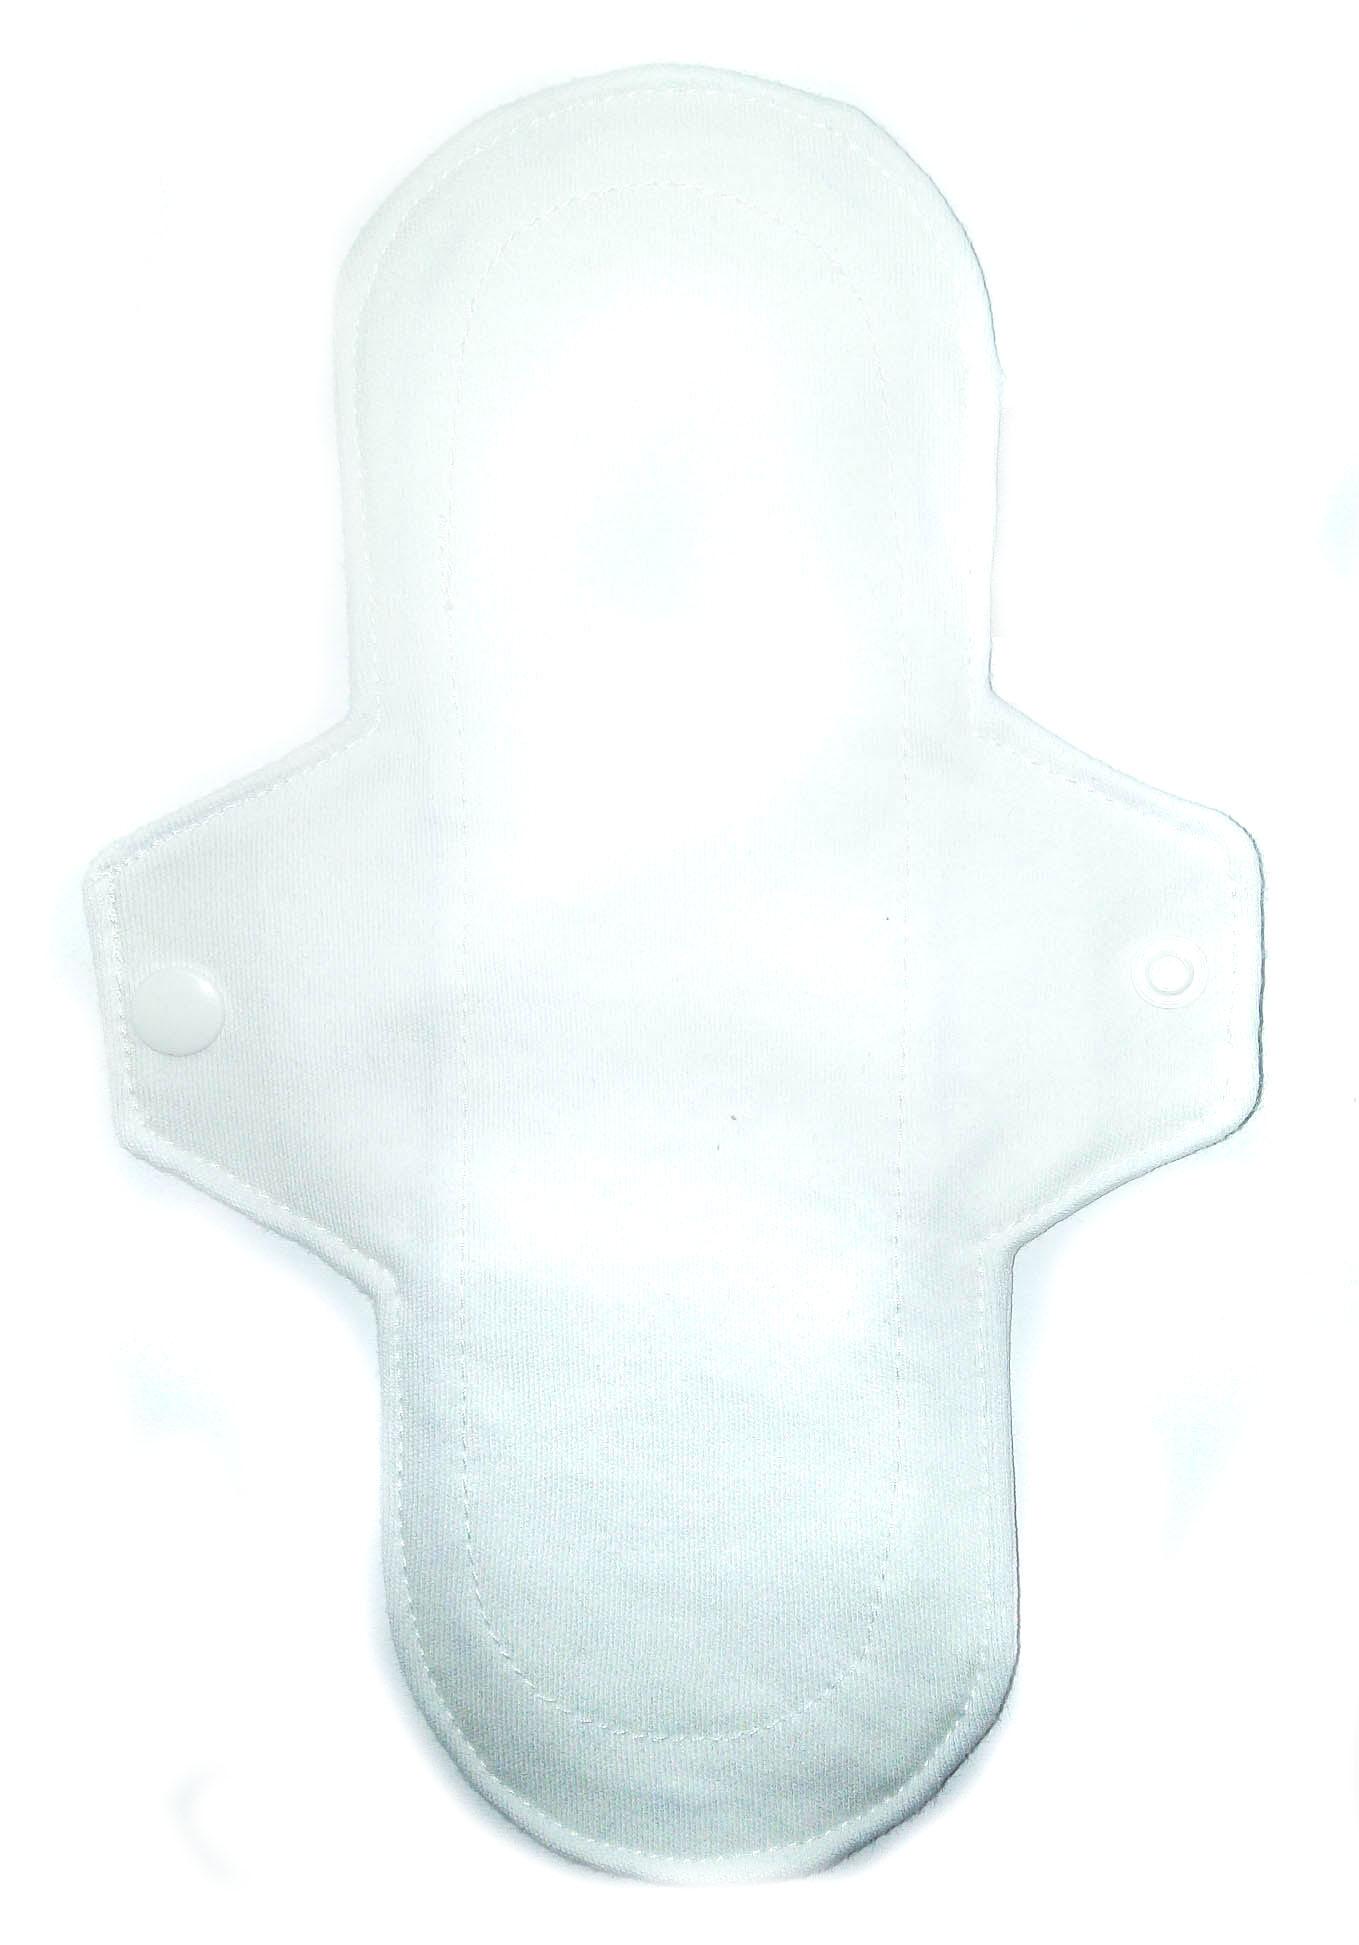 JERSEY-Midi tisztasági betét   24 cm   1 rétegű   fehér